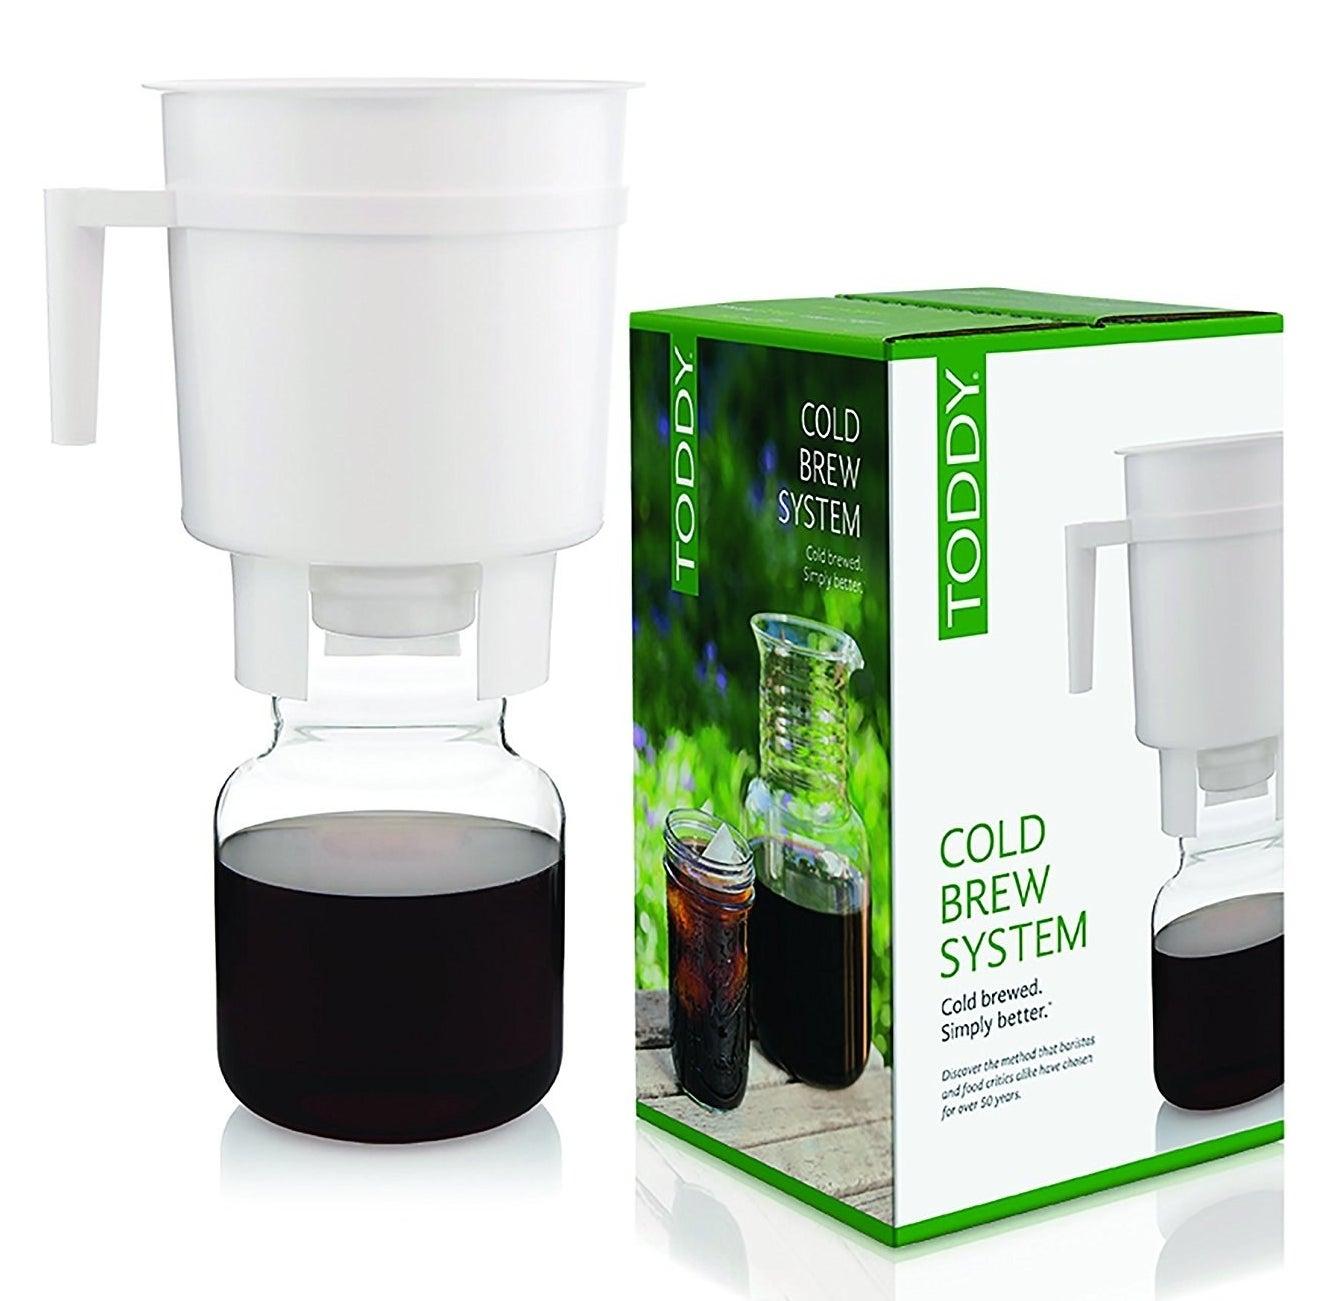 A cold brew coffee maker.